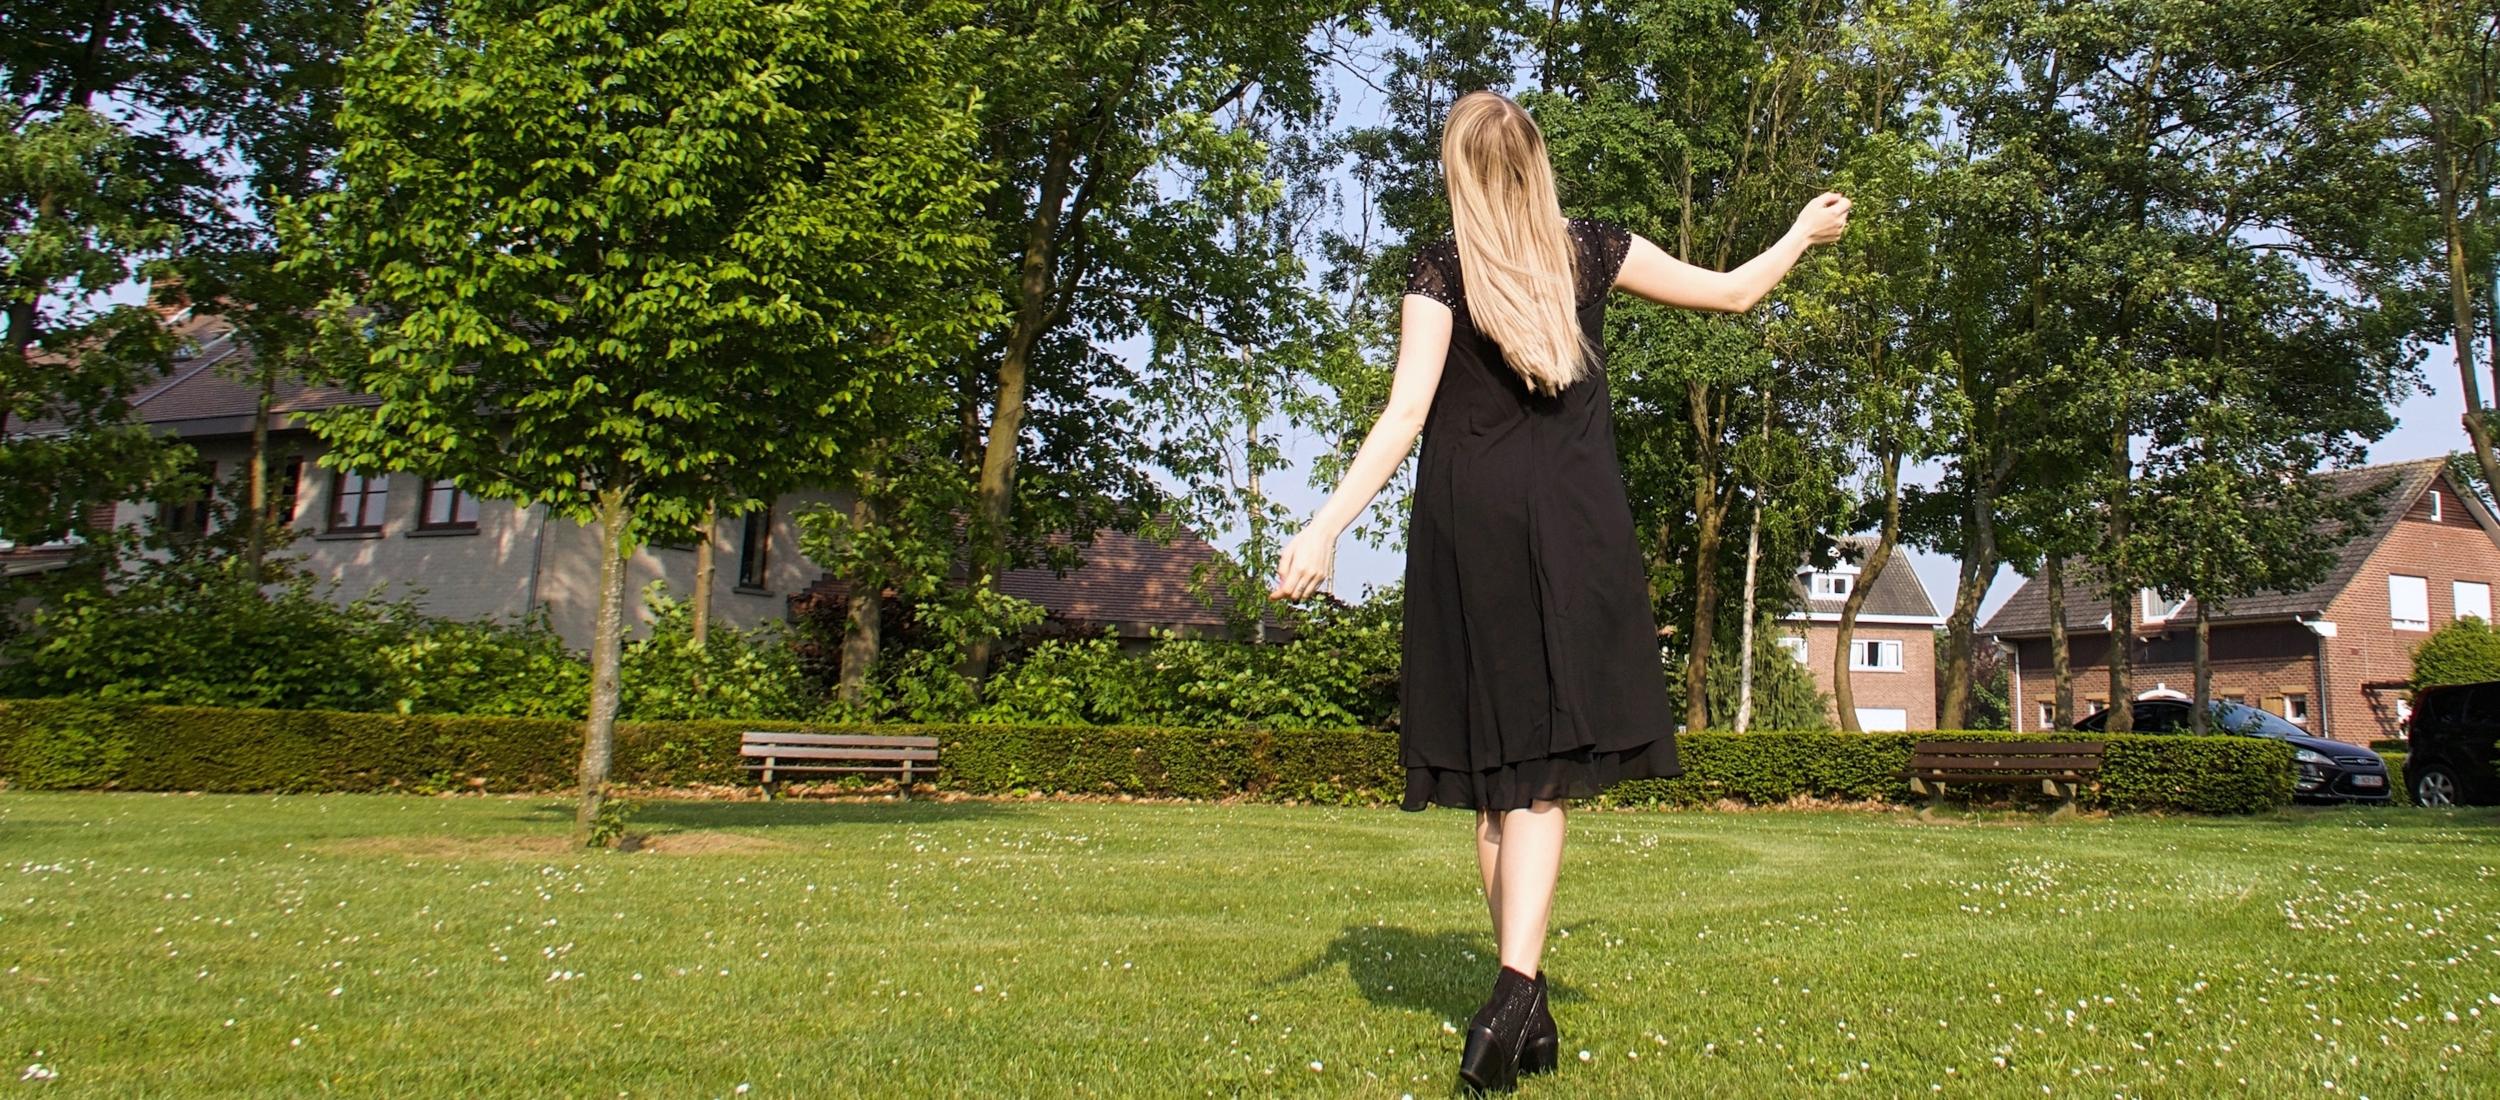 jennaminnie jenna minnie fashion blog JJ's House makes you feel like a princess!